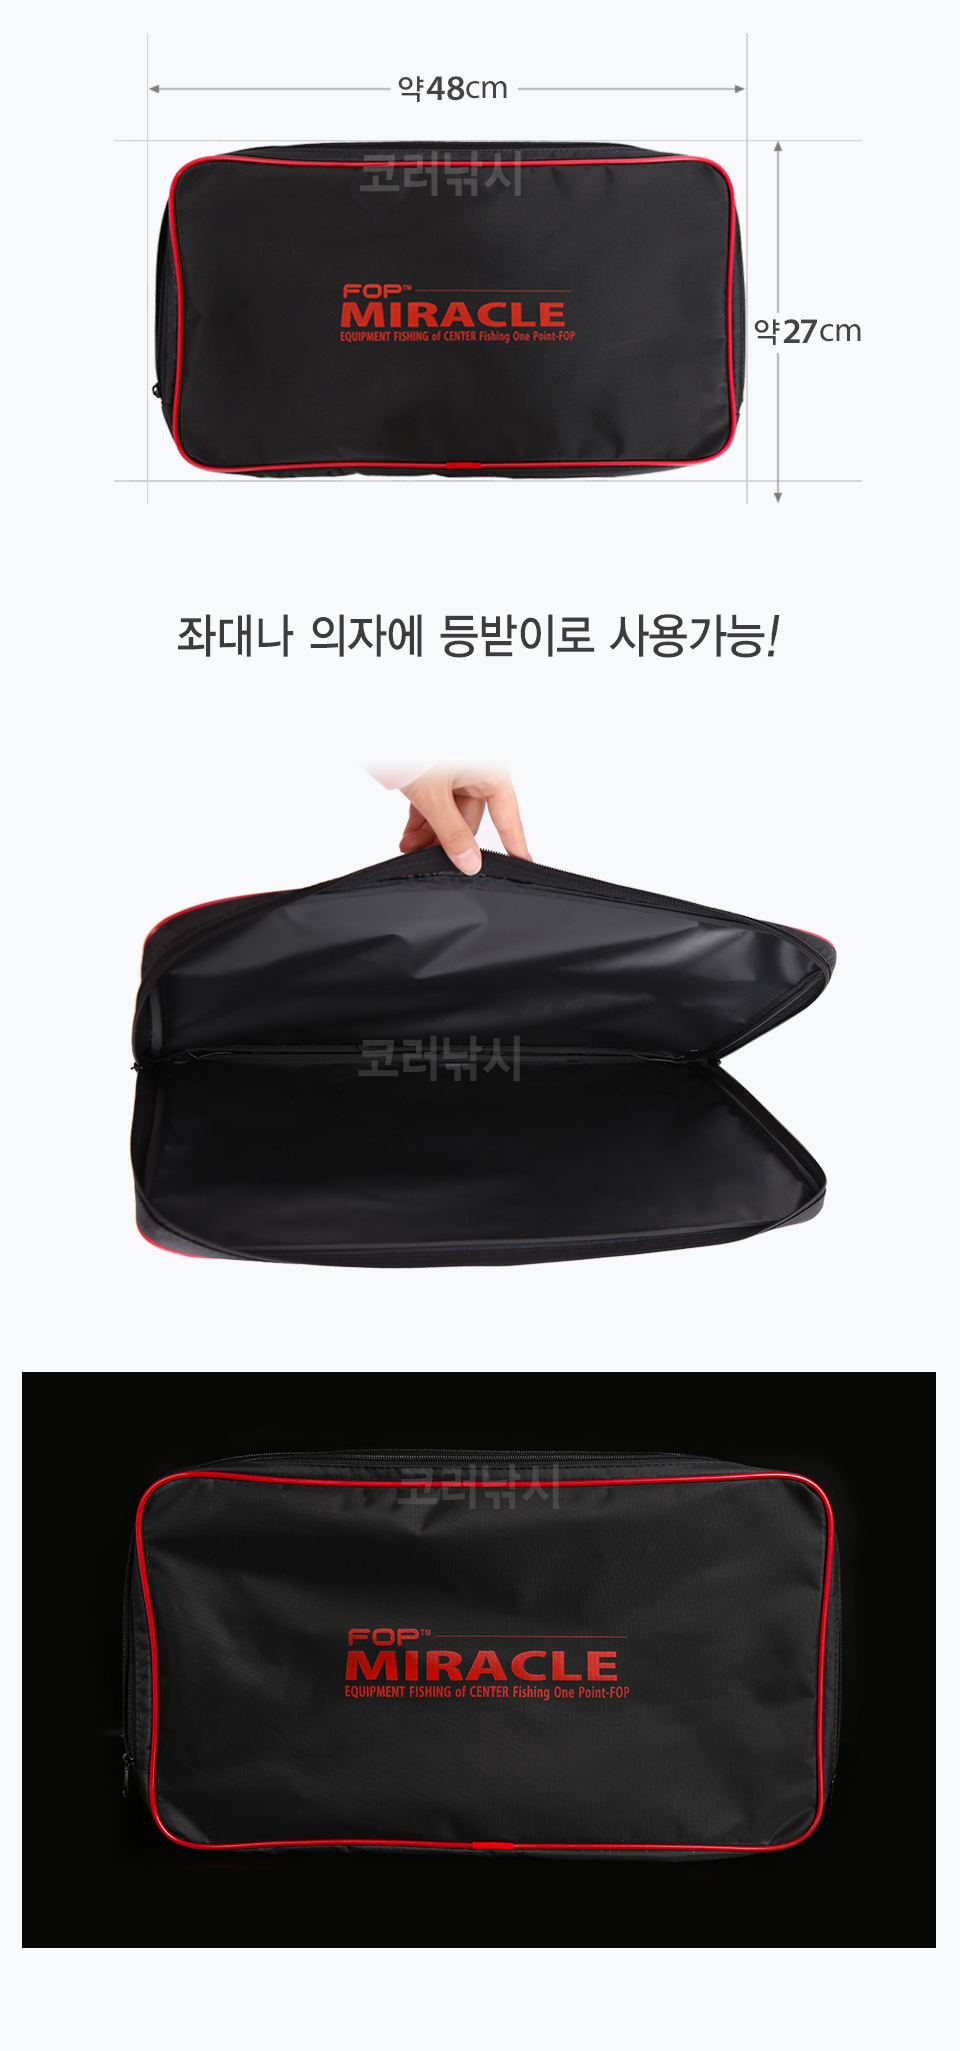 미라클 다용도 의자등받이가방 의자등받이용가방 도날드의자등받이결합가방